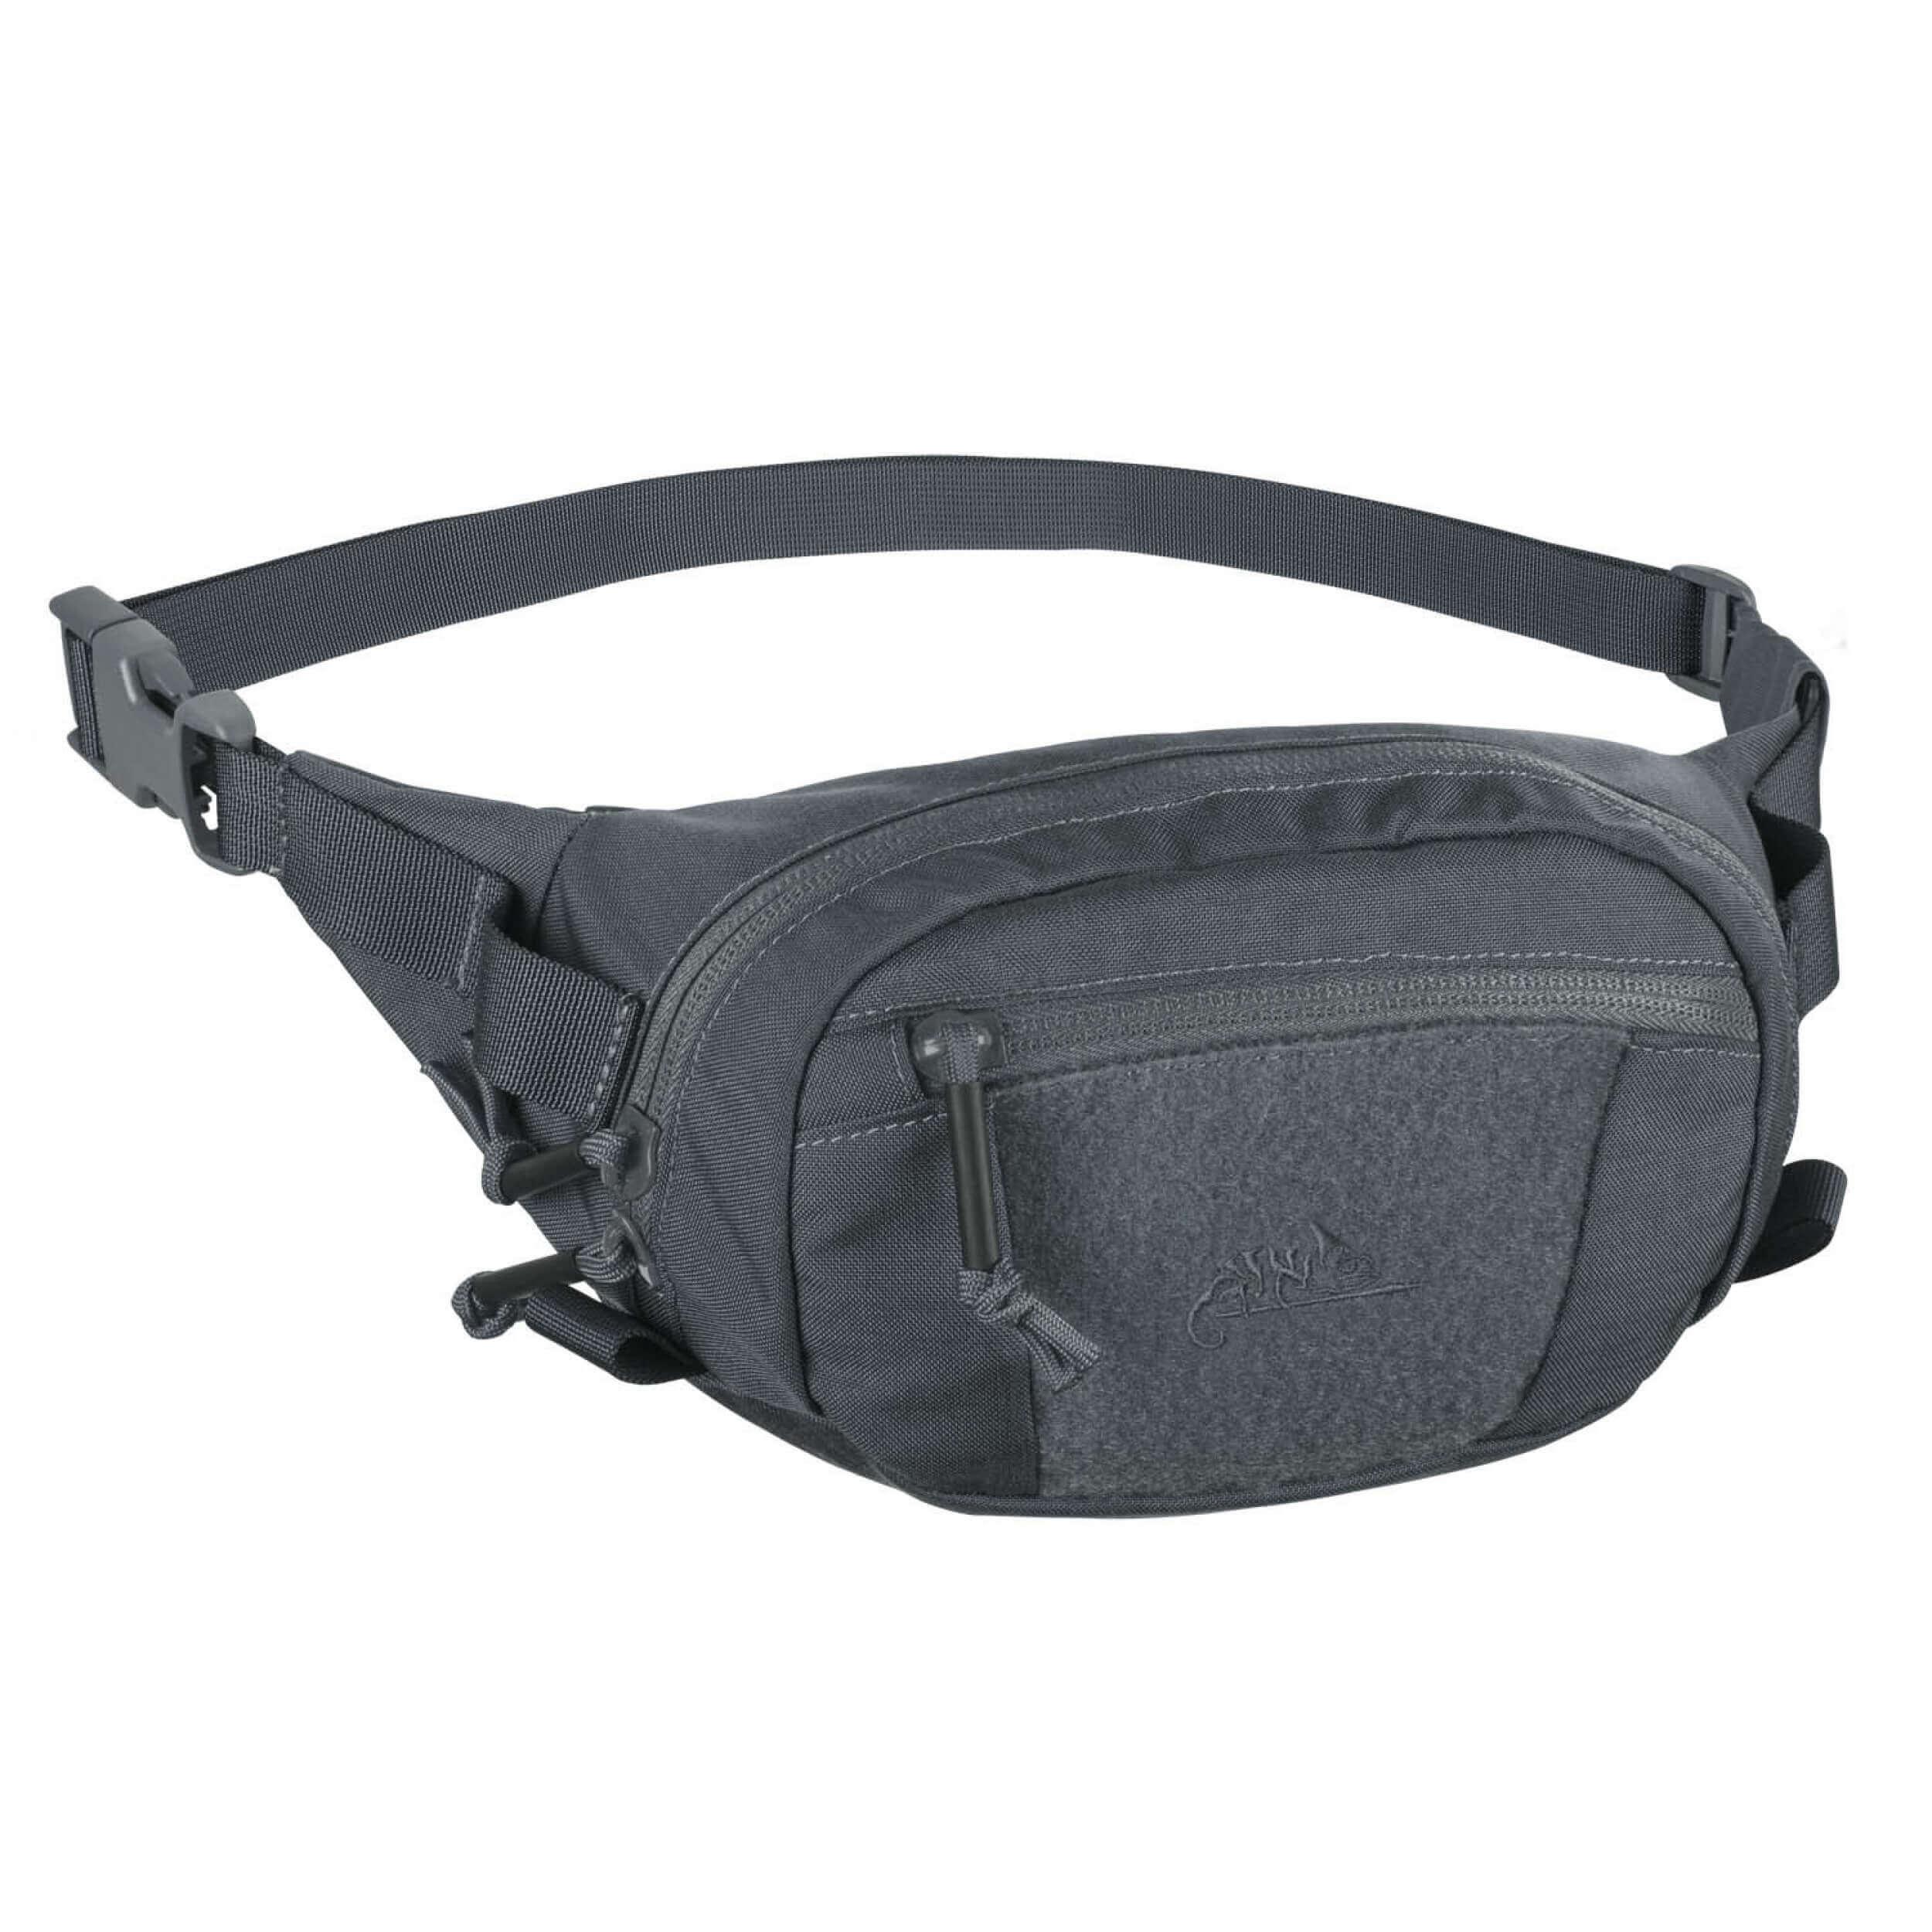 Helikon-Tex Possum Waist Pack Gürteltasche -Cordura- Shadow Grey